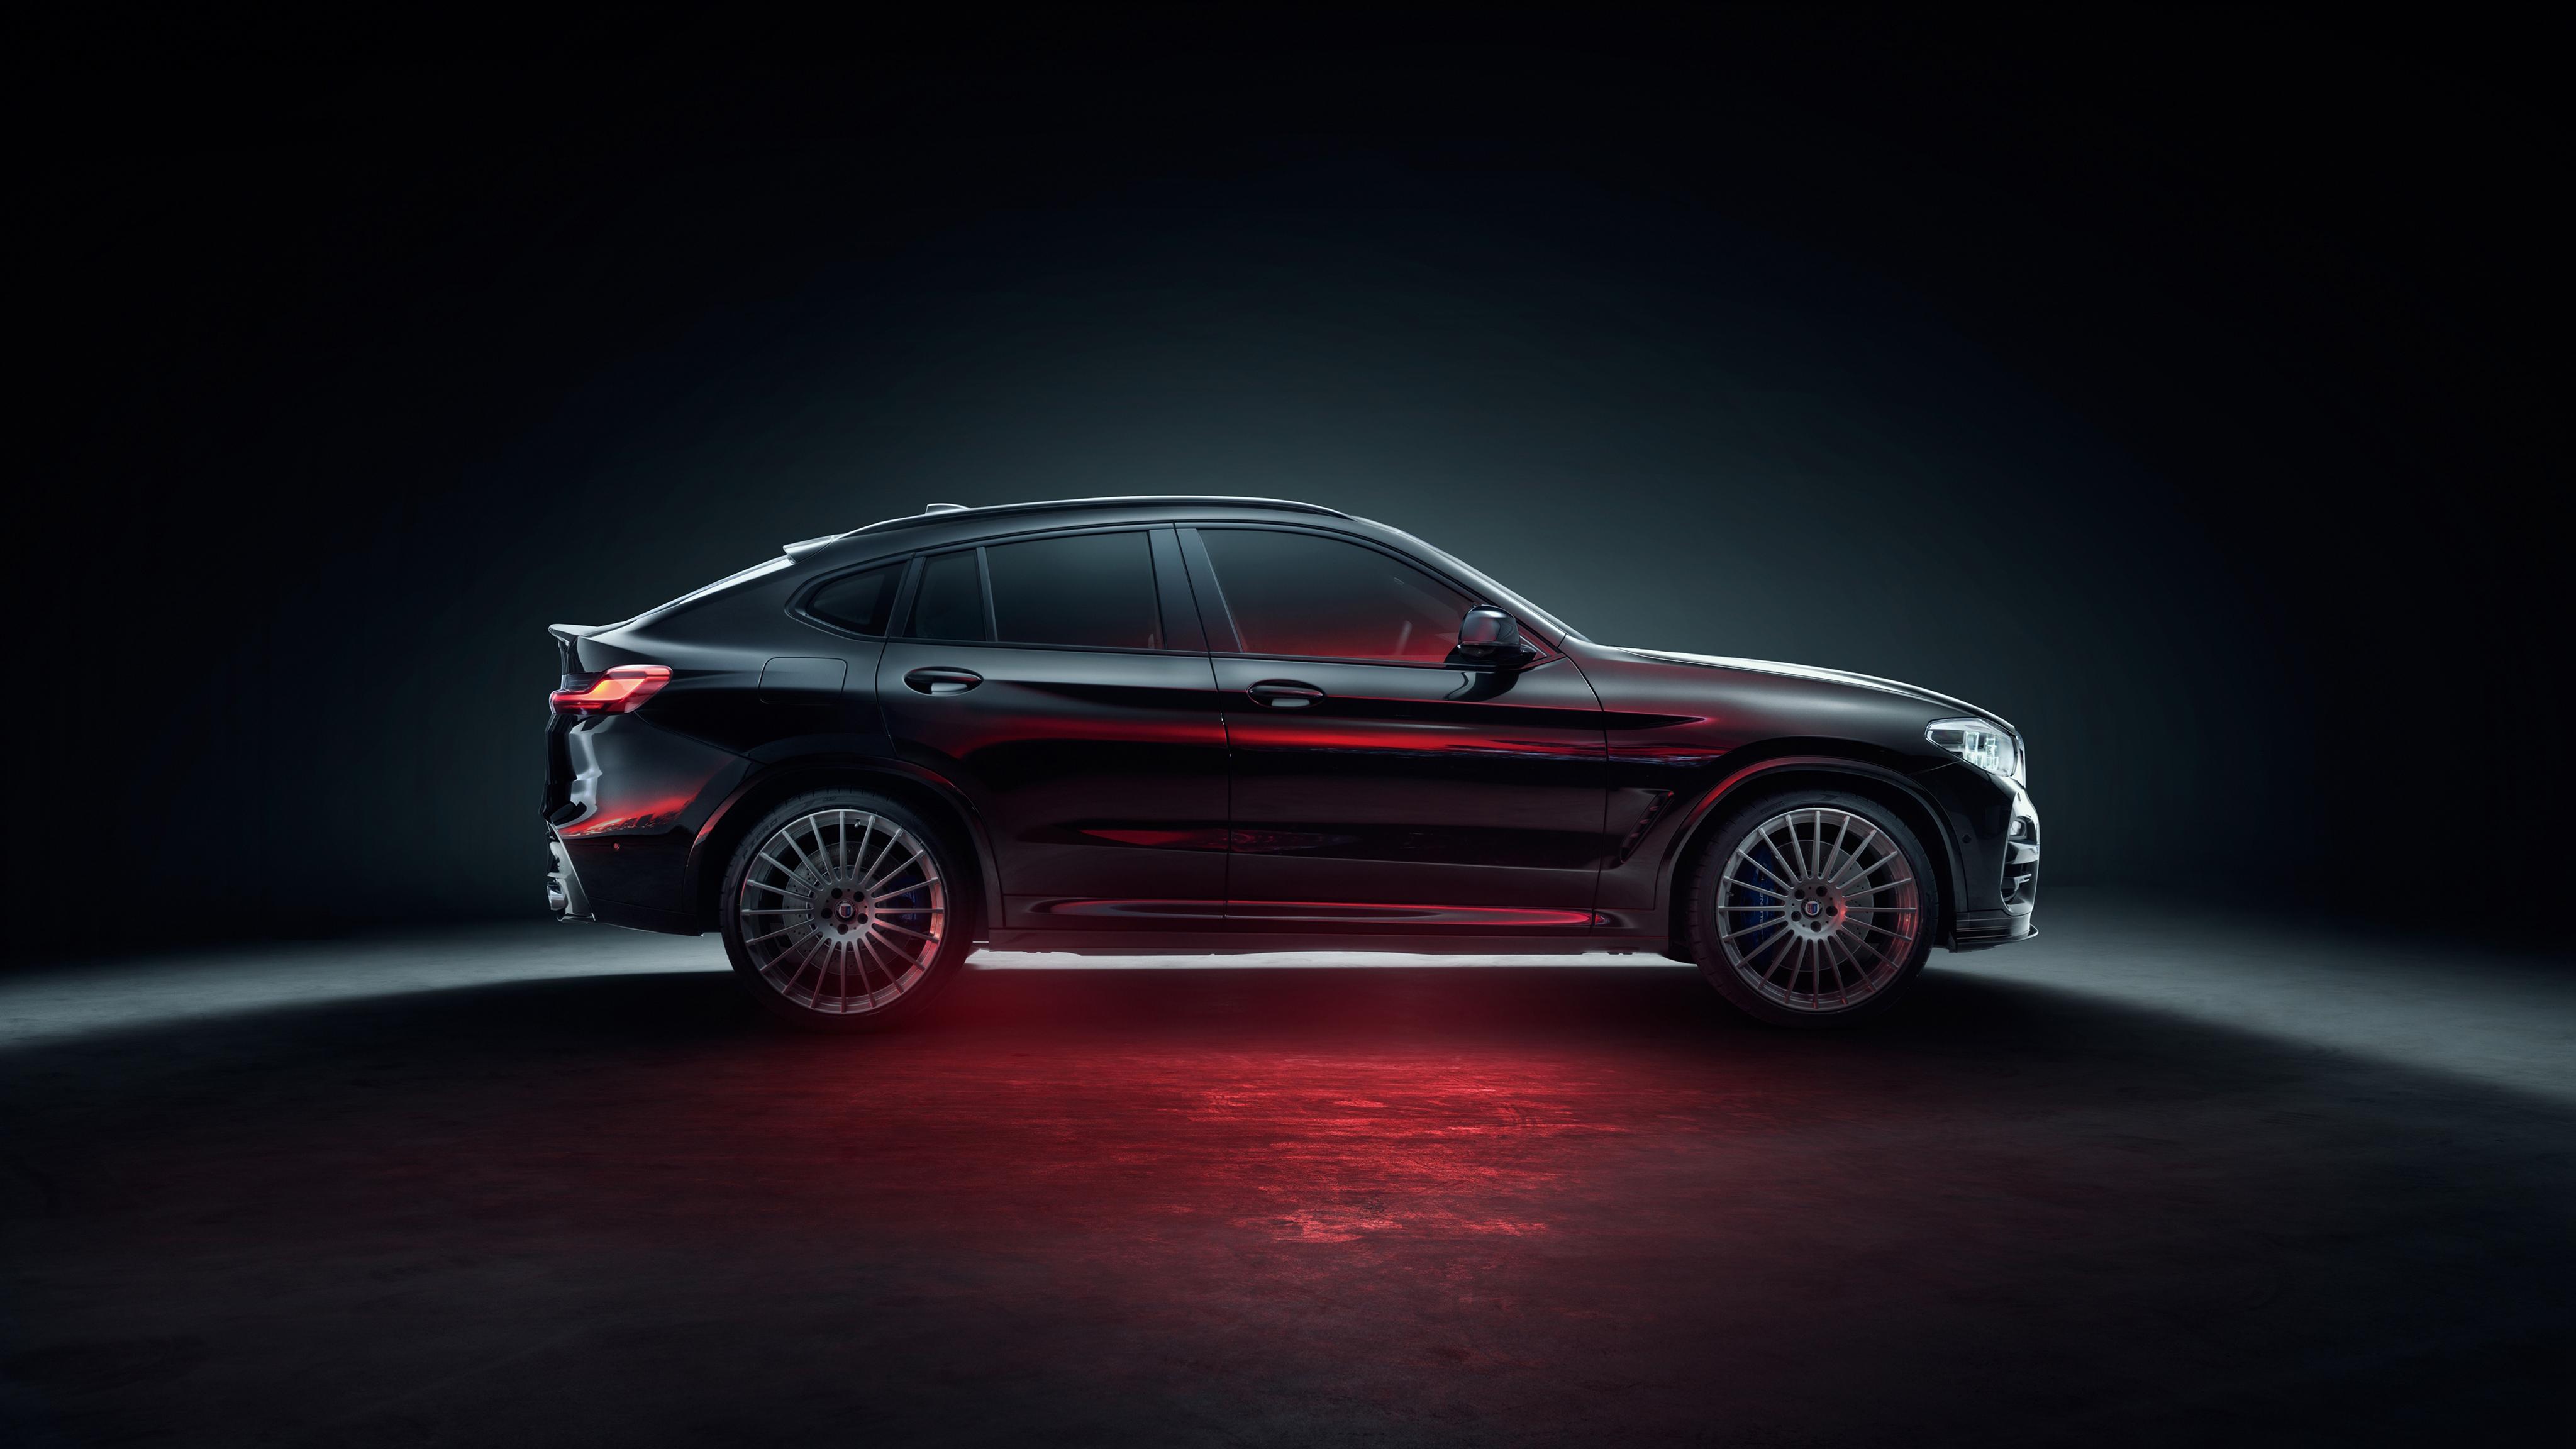 2018 Alpina BMW xD4 Allrad 4K Wallpaper | HD Car ...